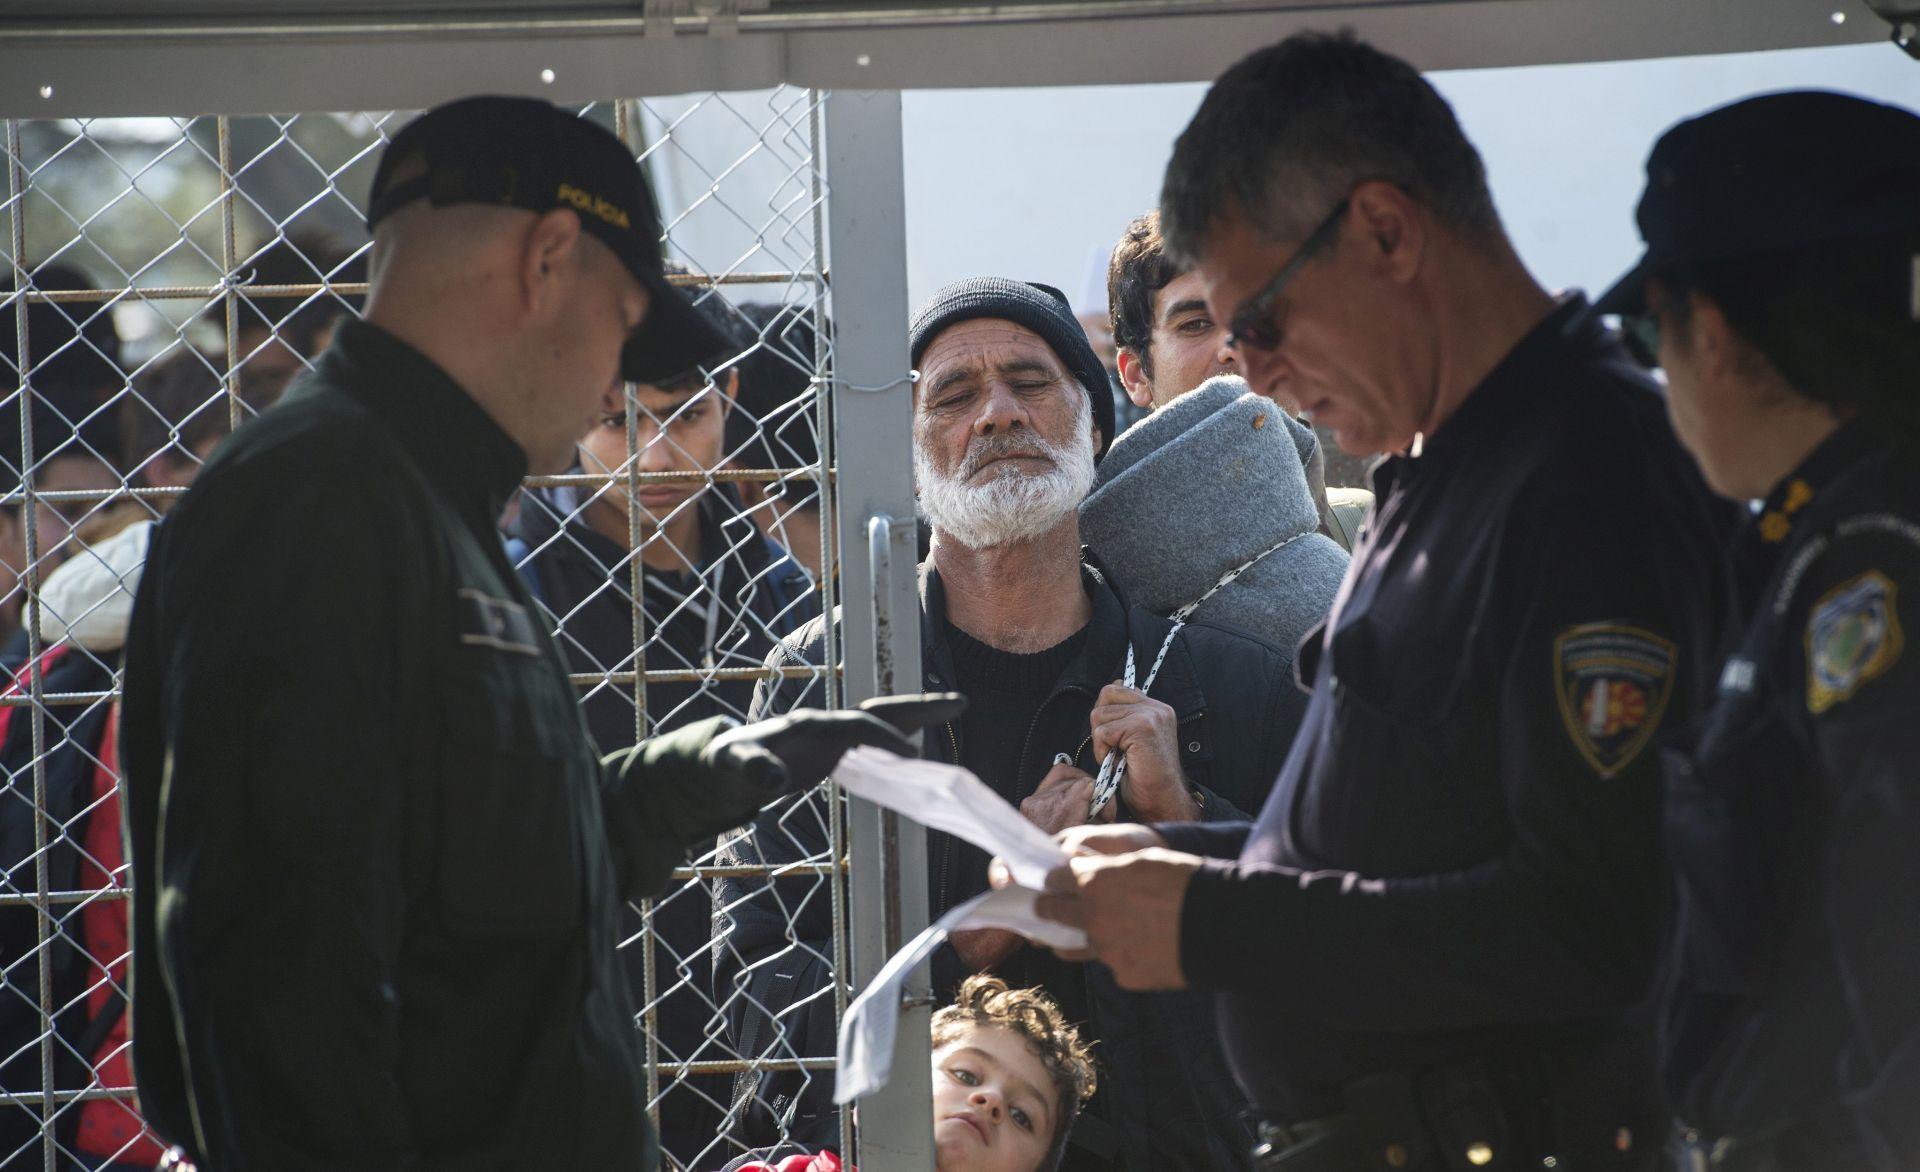 IZBJEGLIČKI CENTAR: Tražitelj azila preminuo nakon što je izboden nožem